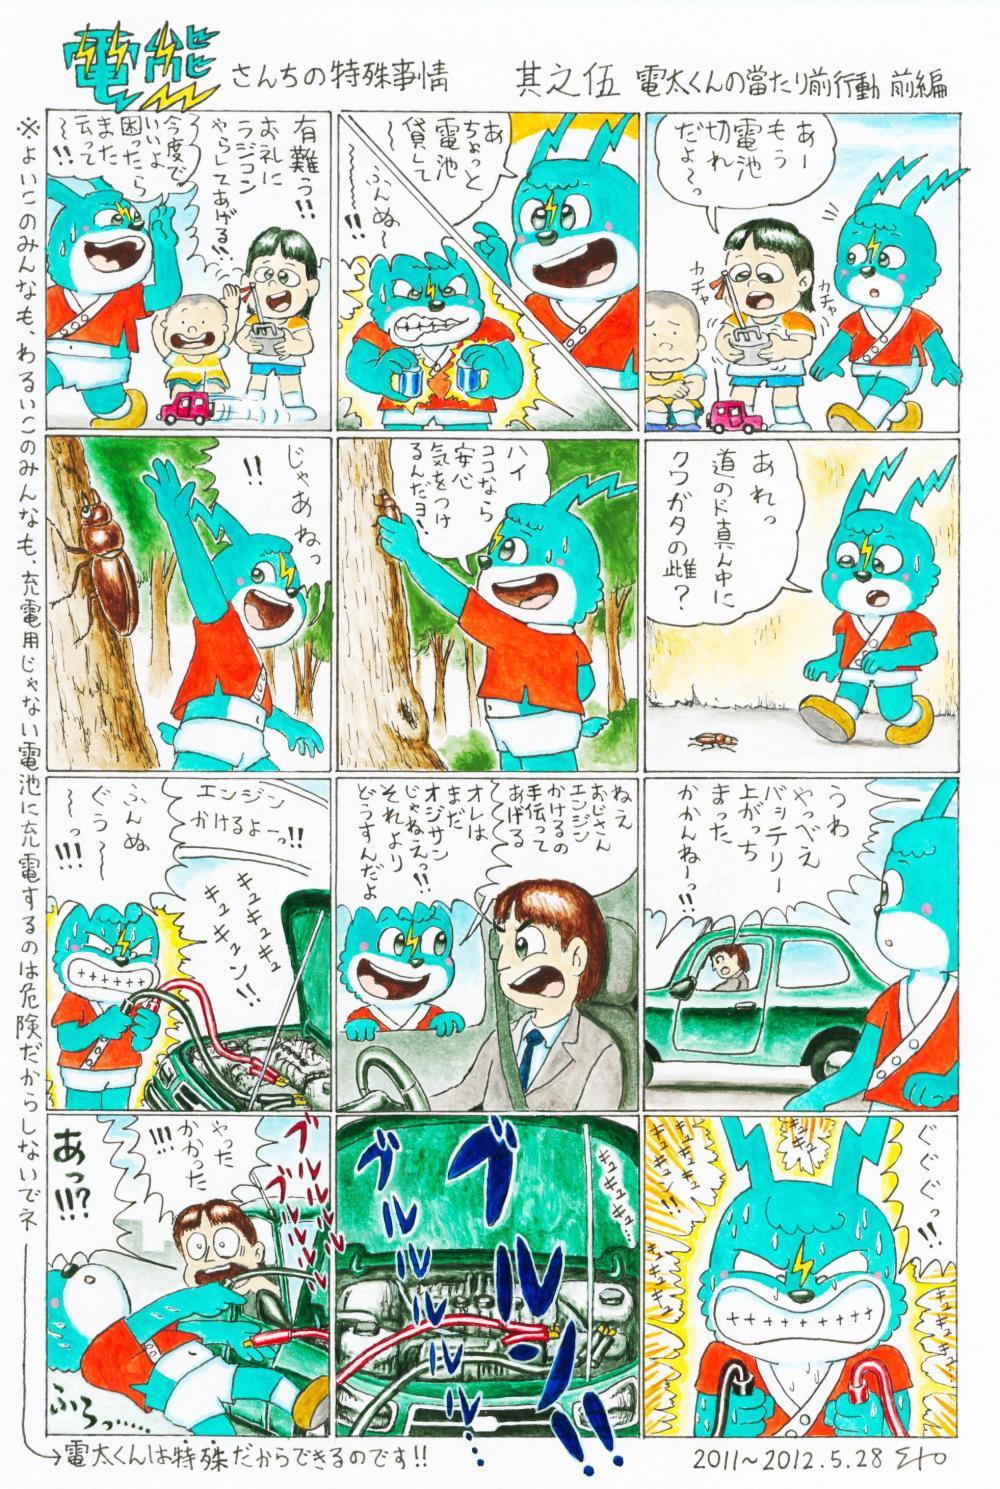 電熊さんちの特殊事情 其之伍 2011-2012.5.28